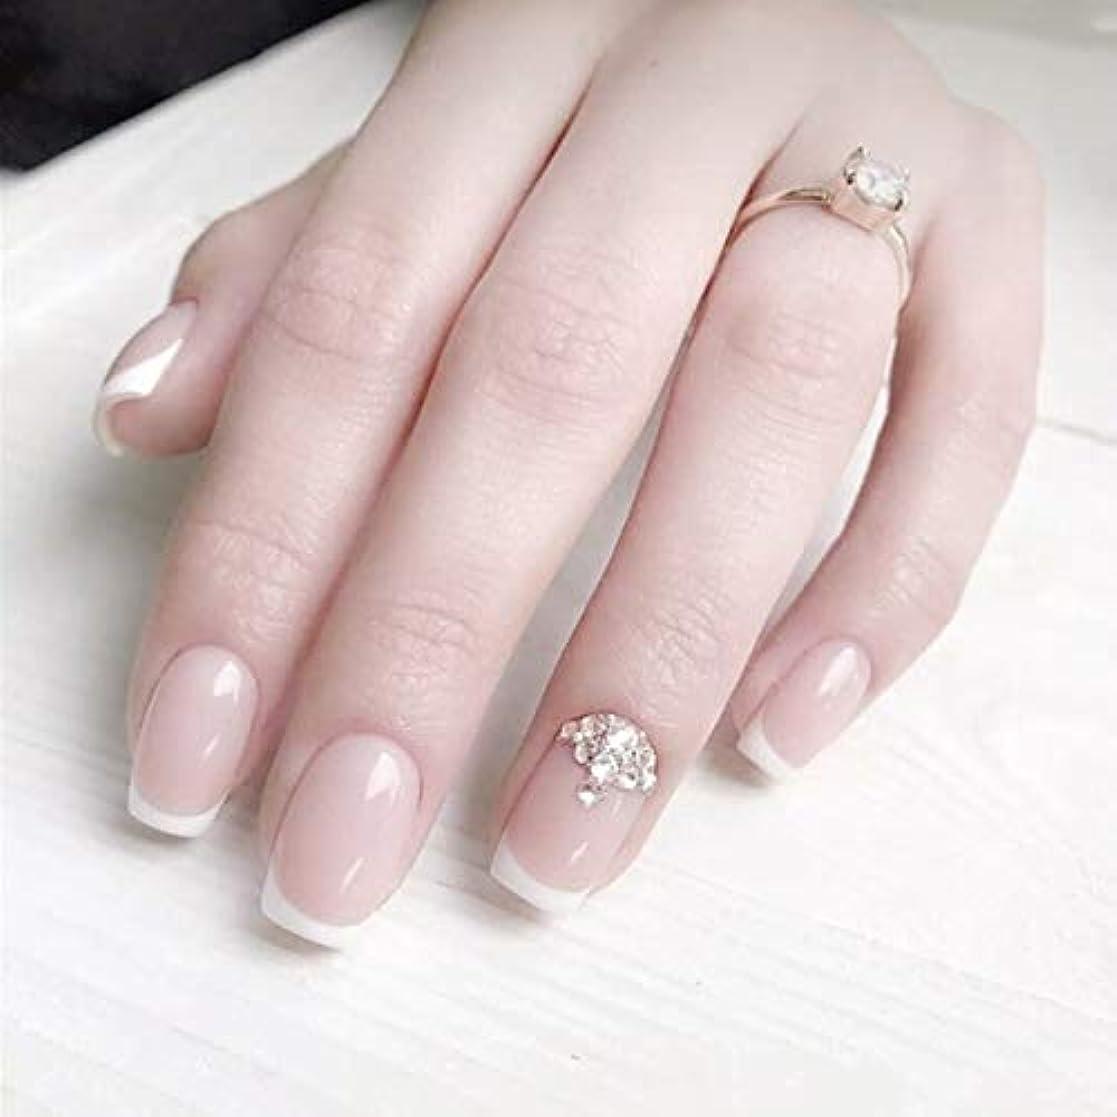 変装したほとんどない暴力ロマンチックのフランス風ネイルチップ 付け爪 花嫁ネイルパーツ つけ爪 ネイルジュエリー ネイルアート